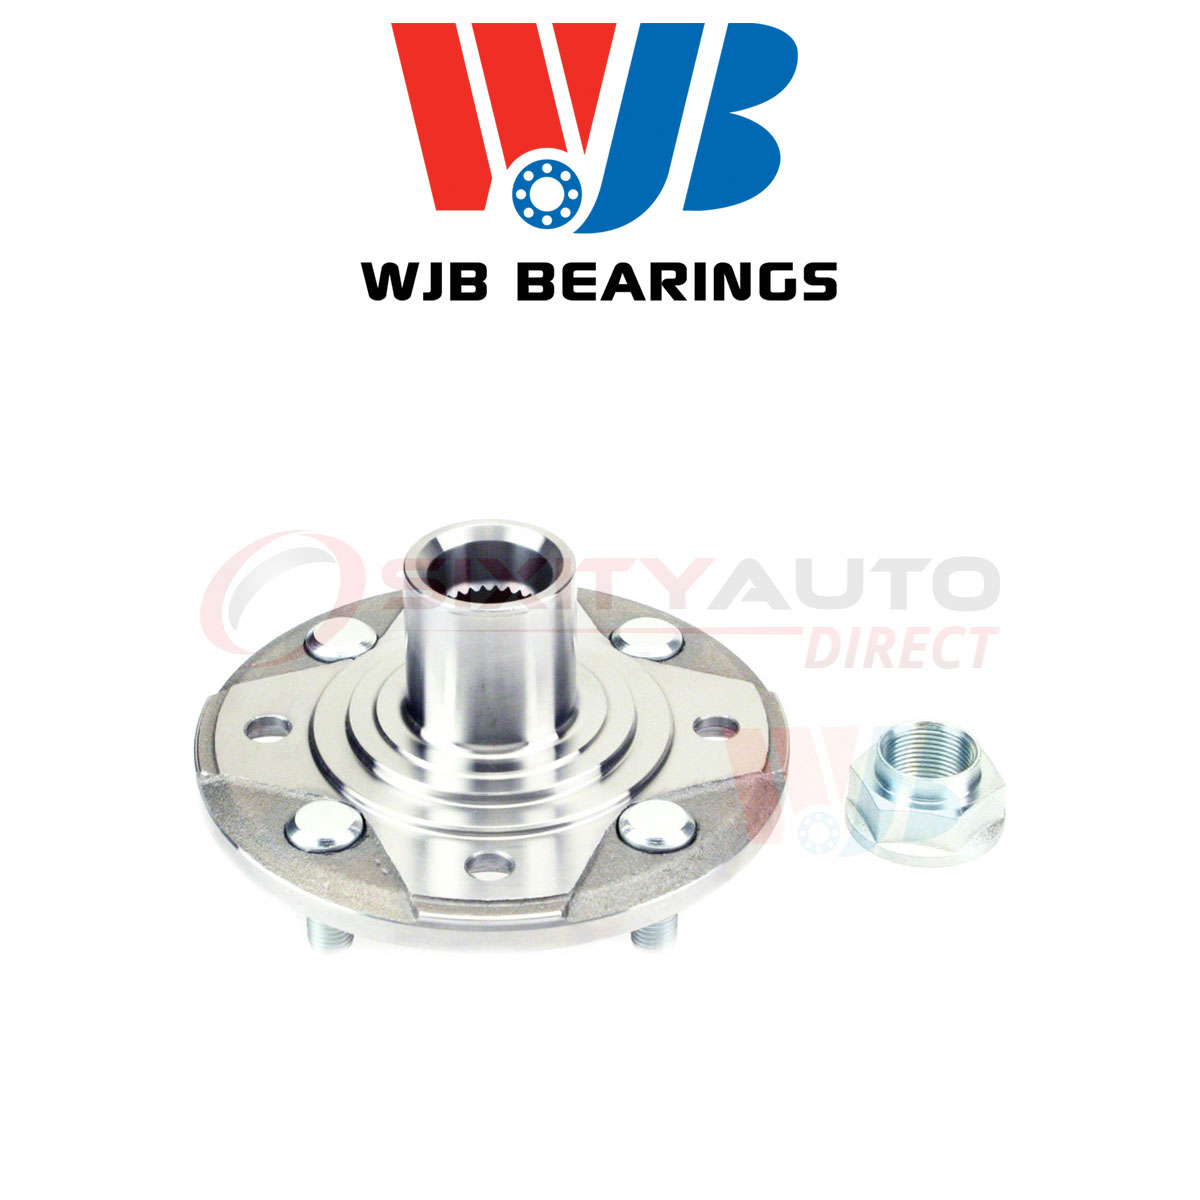 WJB Wheel Hub For 1997 Acura CL 2.2L L4 - Axle Tire Vl